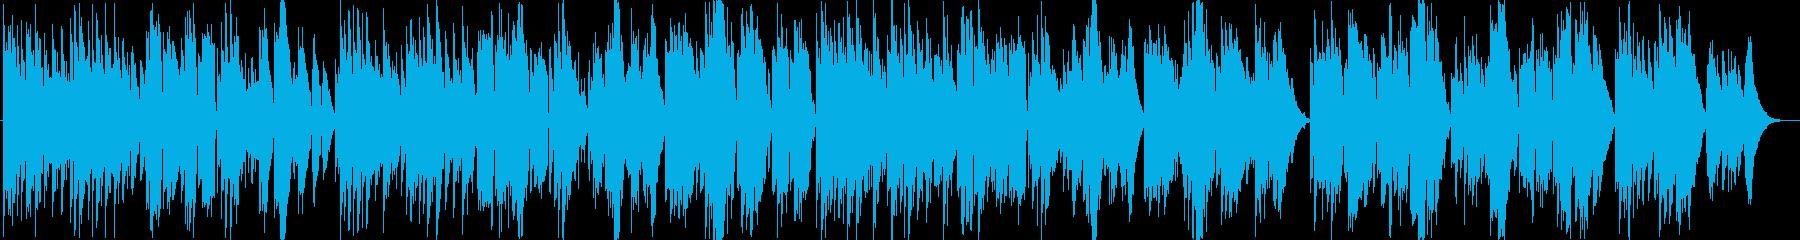 アコースティックソロギター/落ち葉の幻想の再生済みの波形